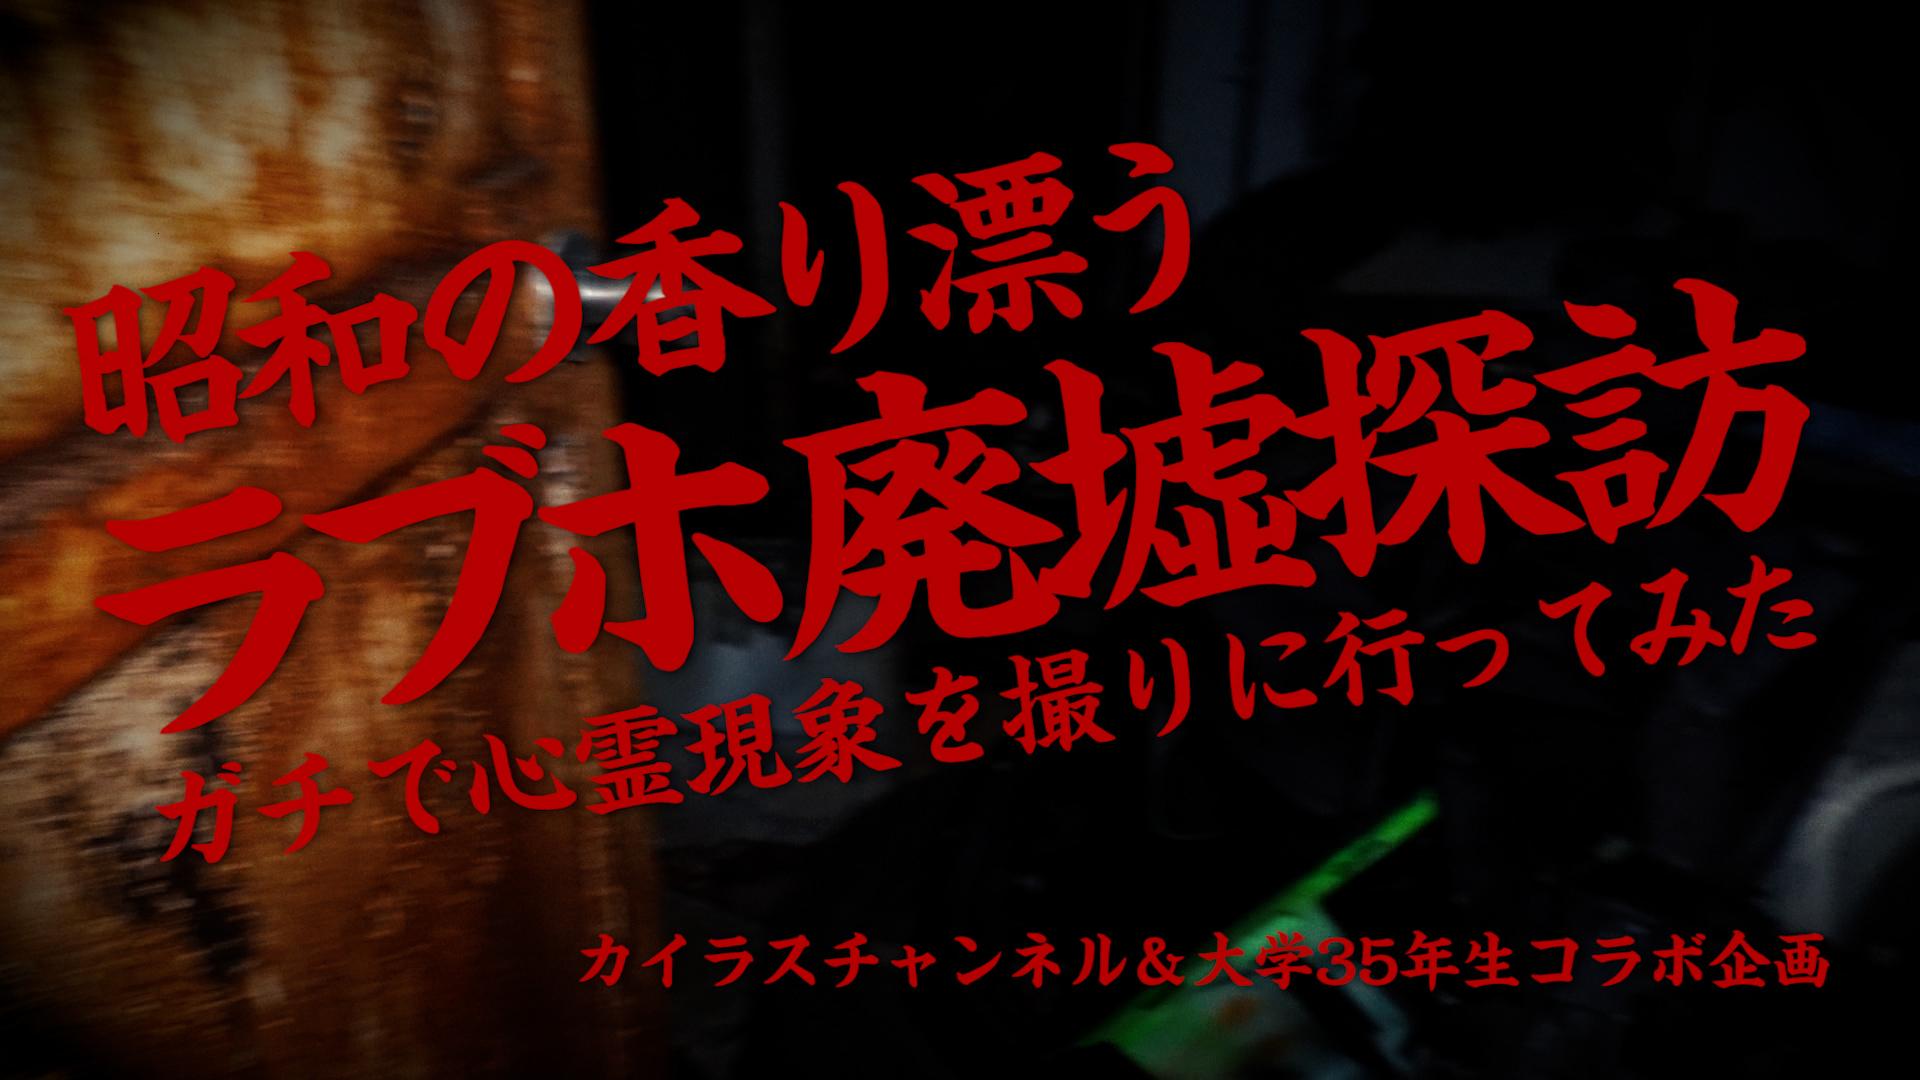 昭和の香り漂うラブホ廃墟探訪!ガチで心霊現象を撮りに行ってみた - カイラスチャンネルさんと大学35年生のコラボ企画